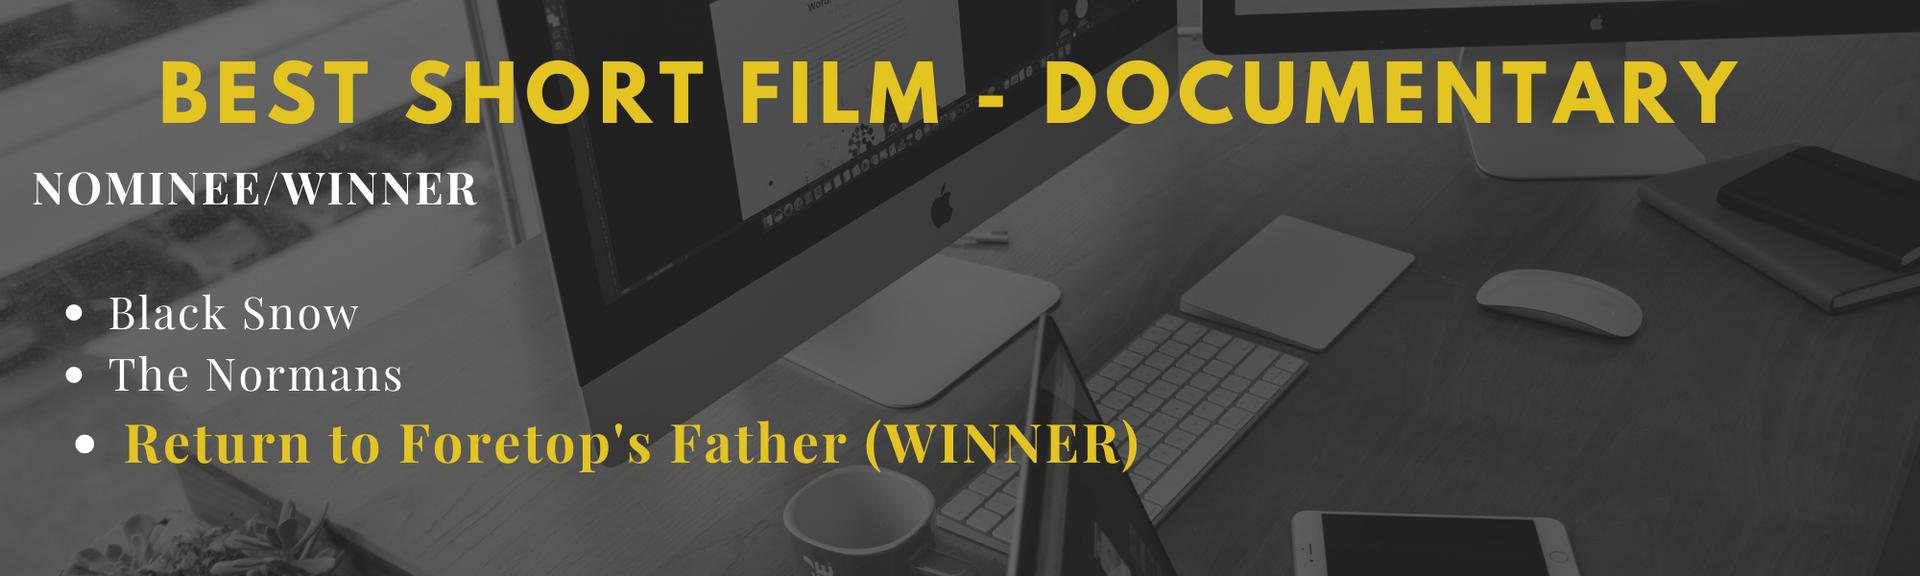 Best Short Film - Documentary